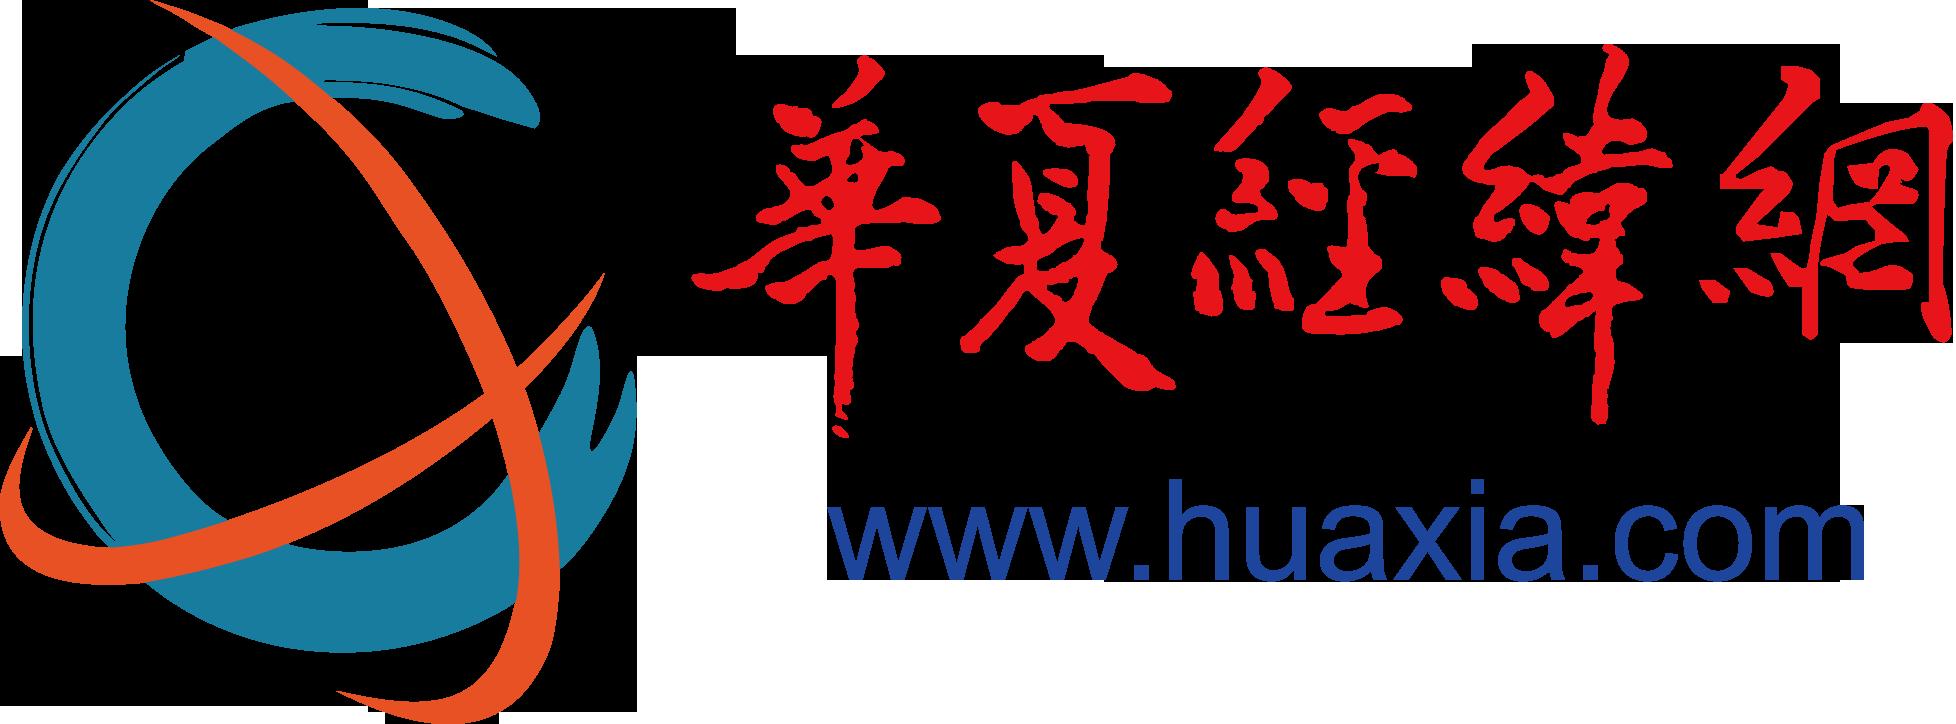 华夏经纬网logo.png